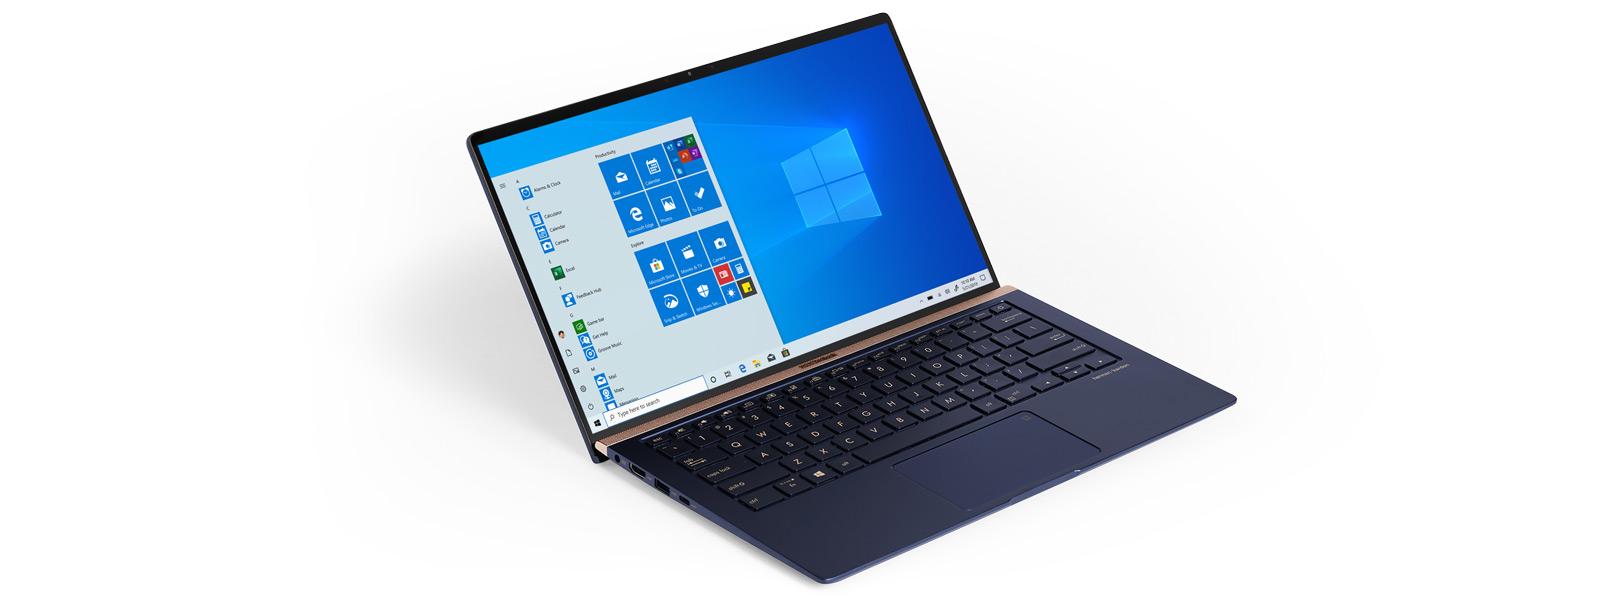 Ordinateur portable Acer Swift5 bleu ouvert qui affiche un écran d'accueil Windows10